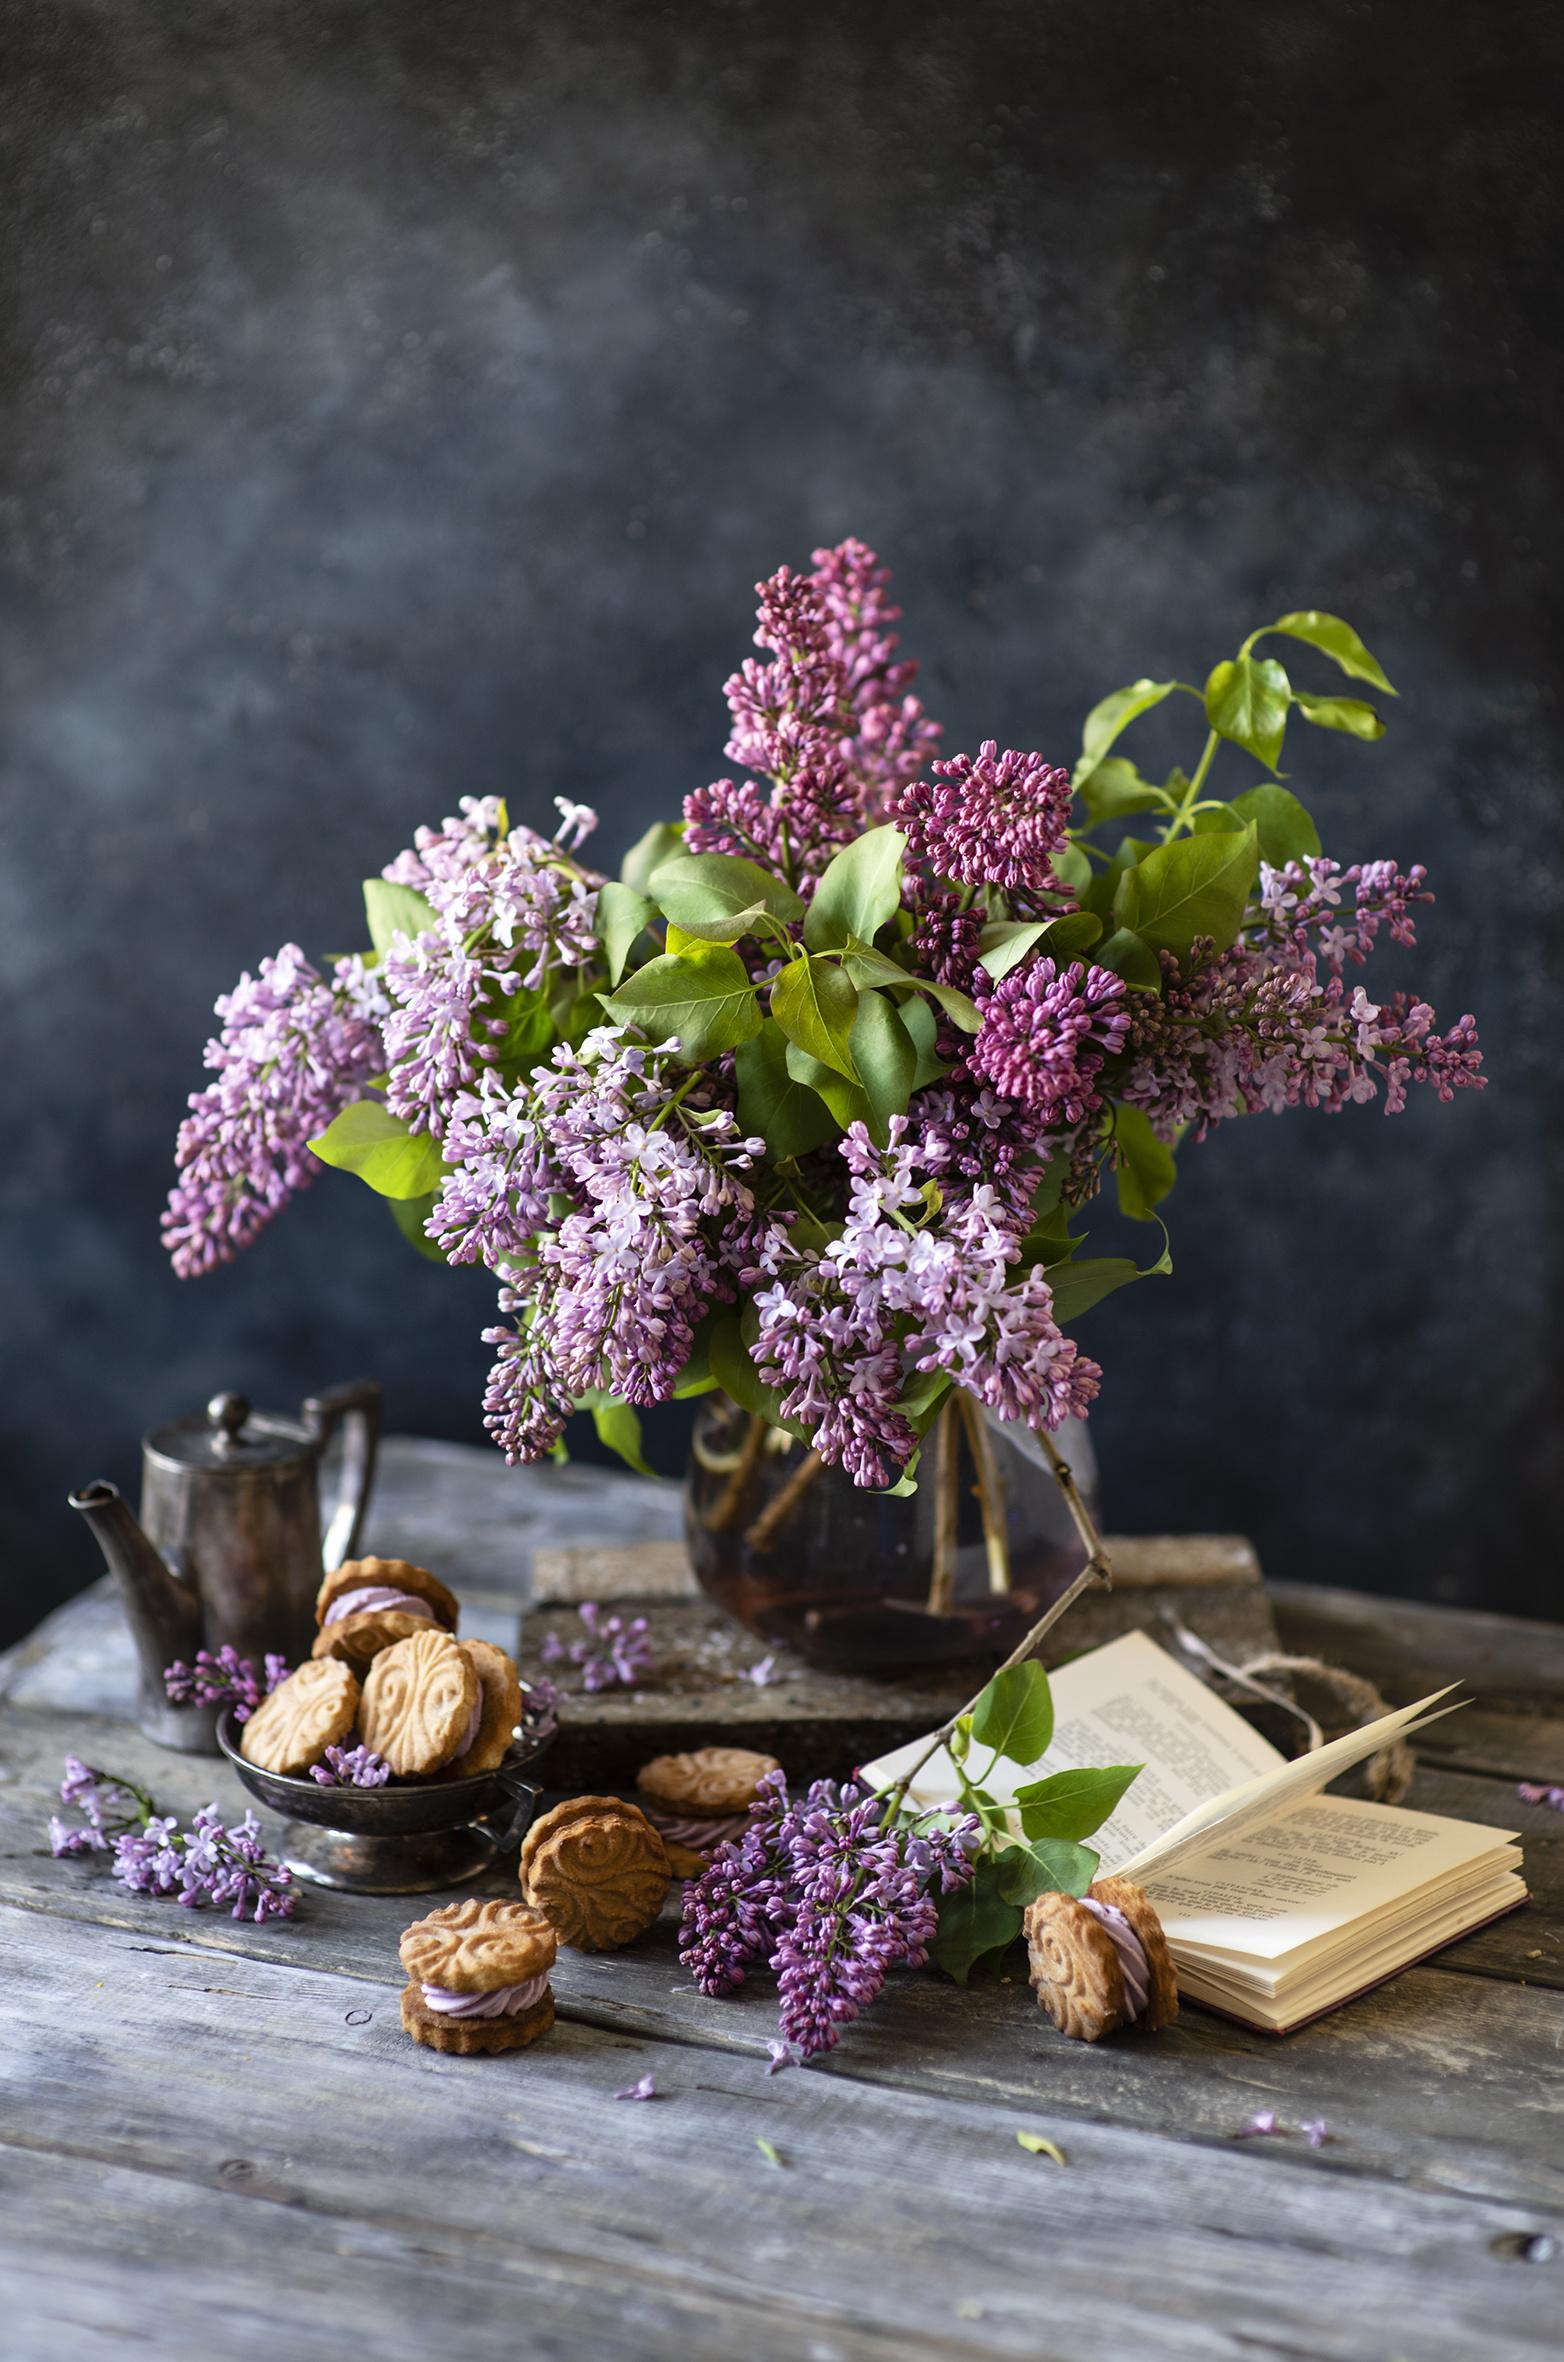 Desktop Hintergrundbilder Blüte Flieder Ast Kekse Bücher das Essen Stillleben  für Handy Blumen Syringa Buch Lebensmittel